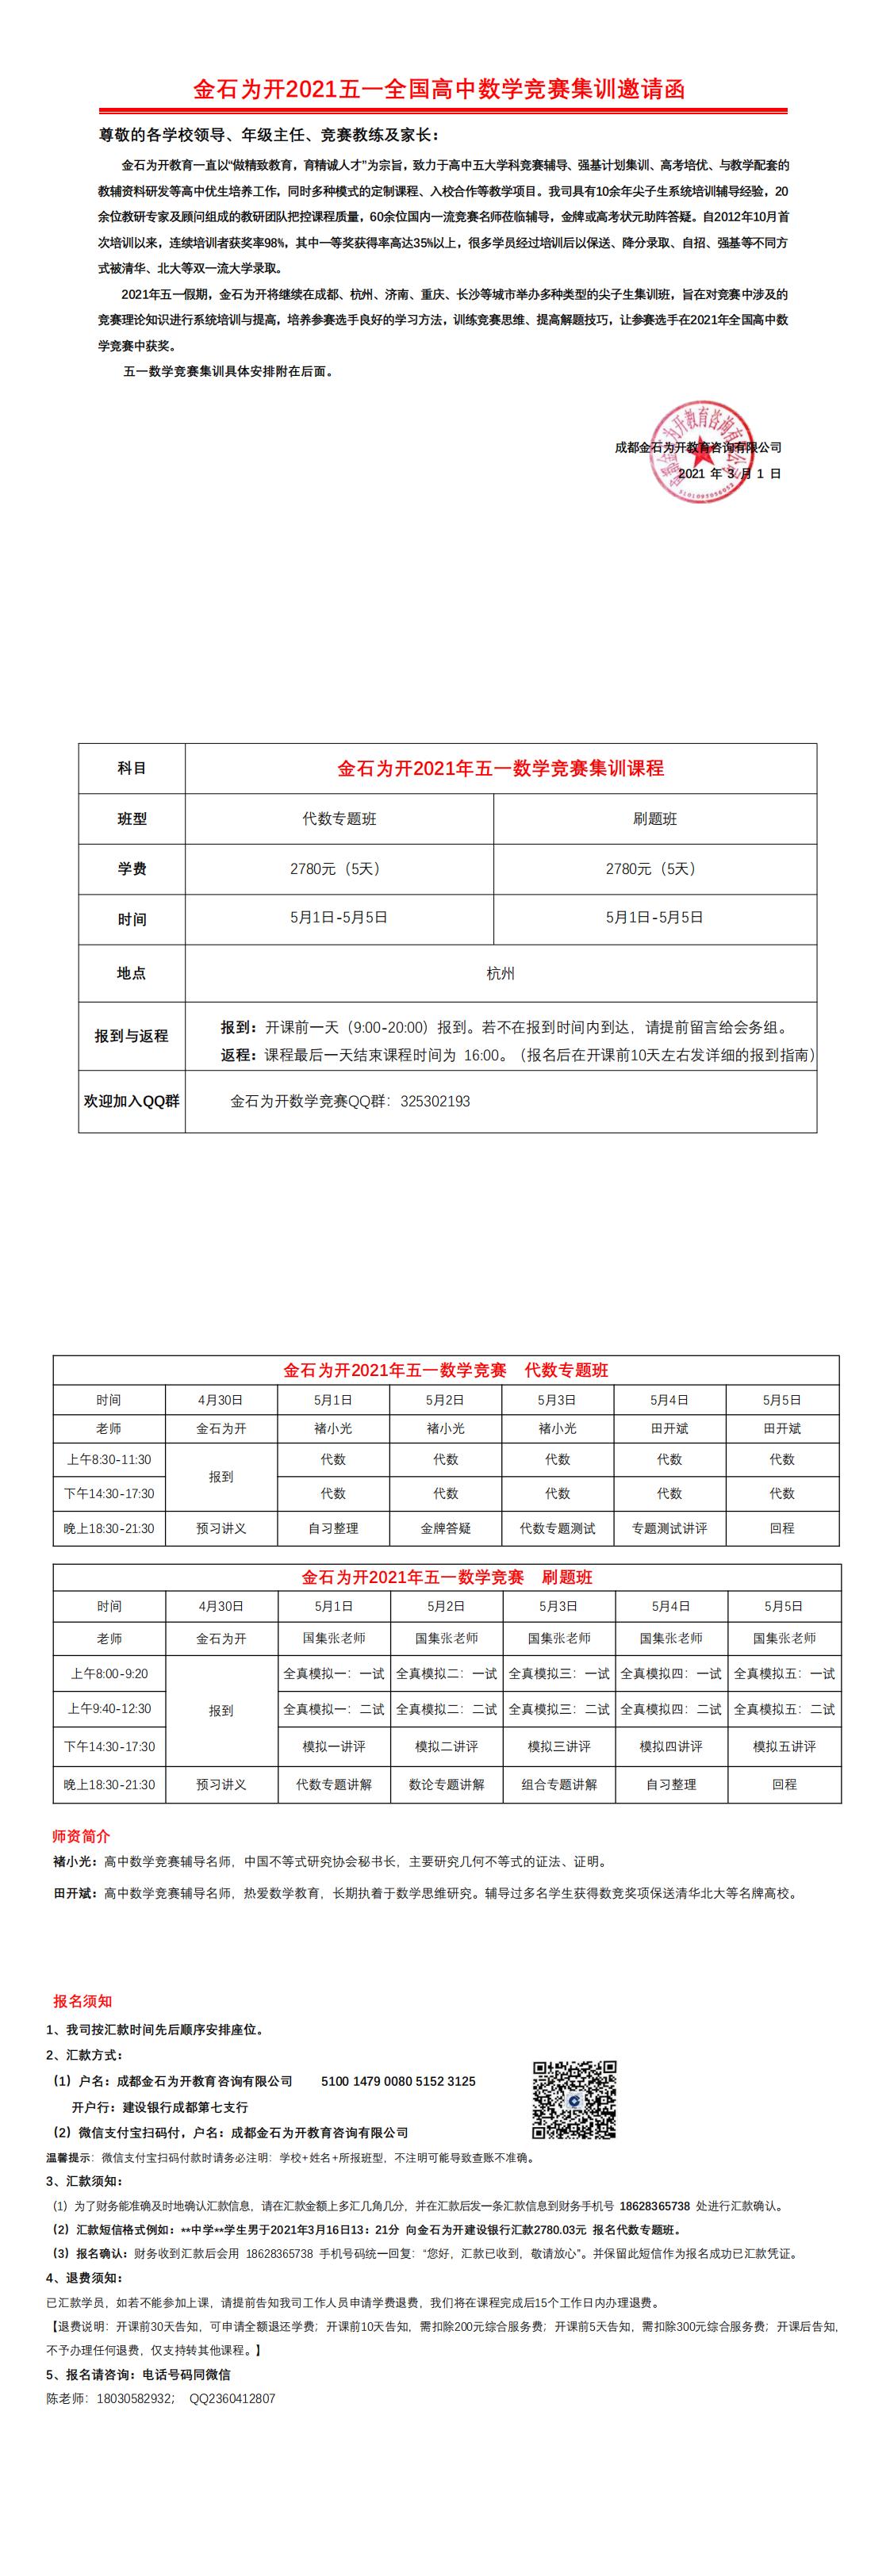 (杭州数学)金石为开2021五一集训邀请函(3)_0.png